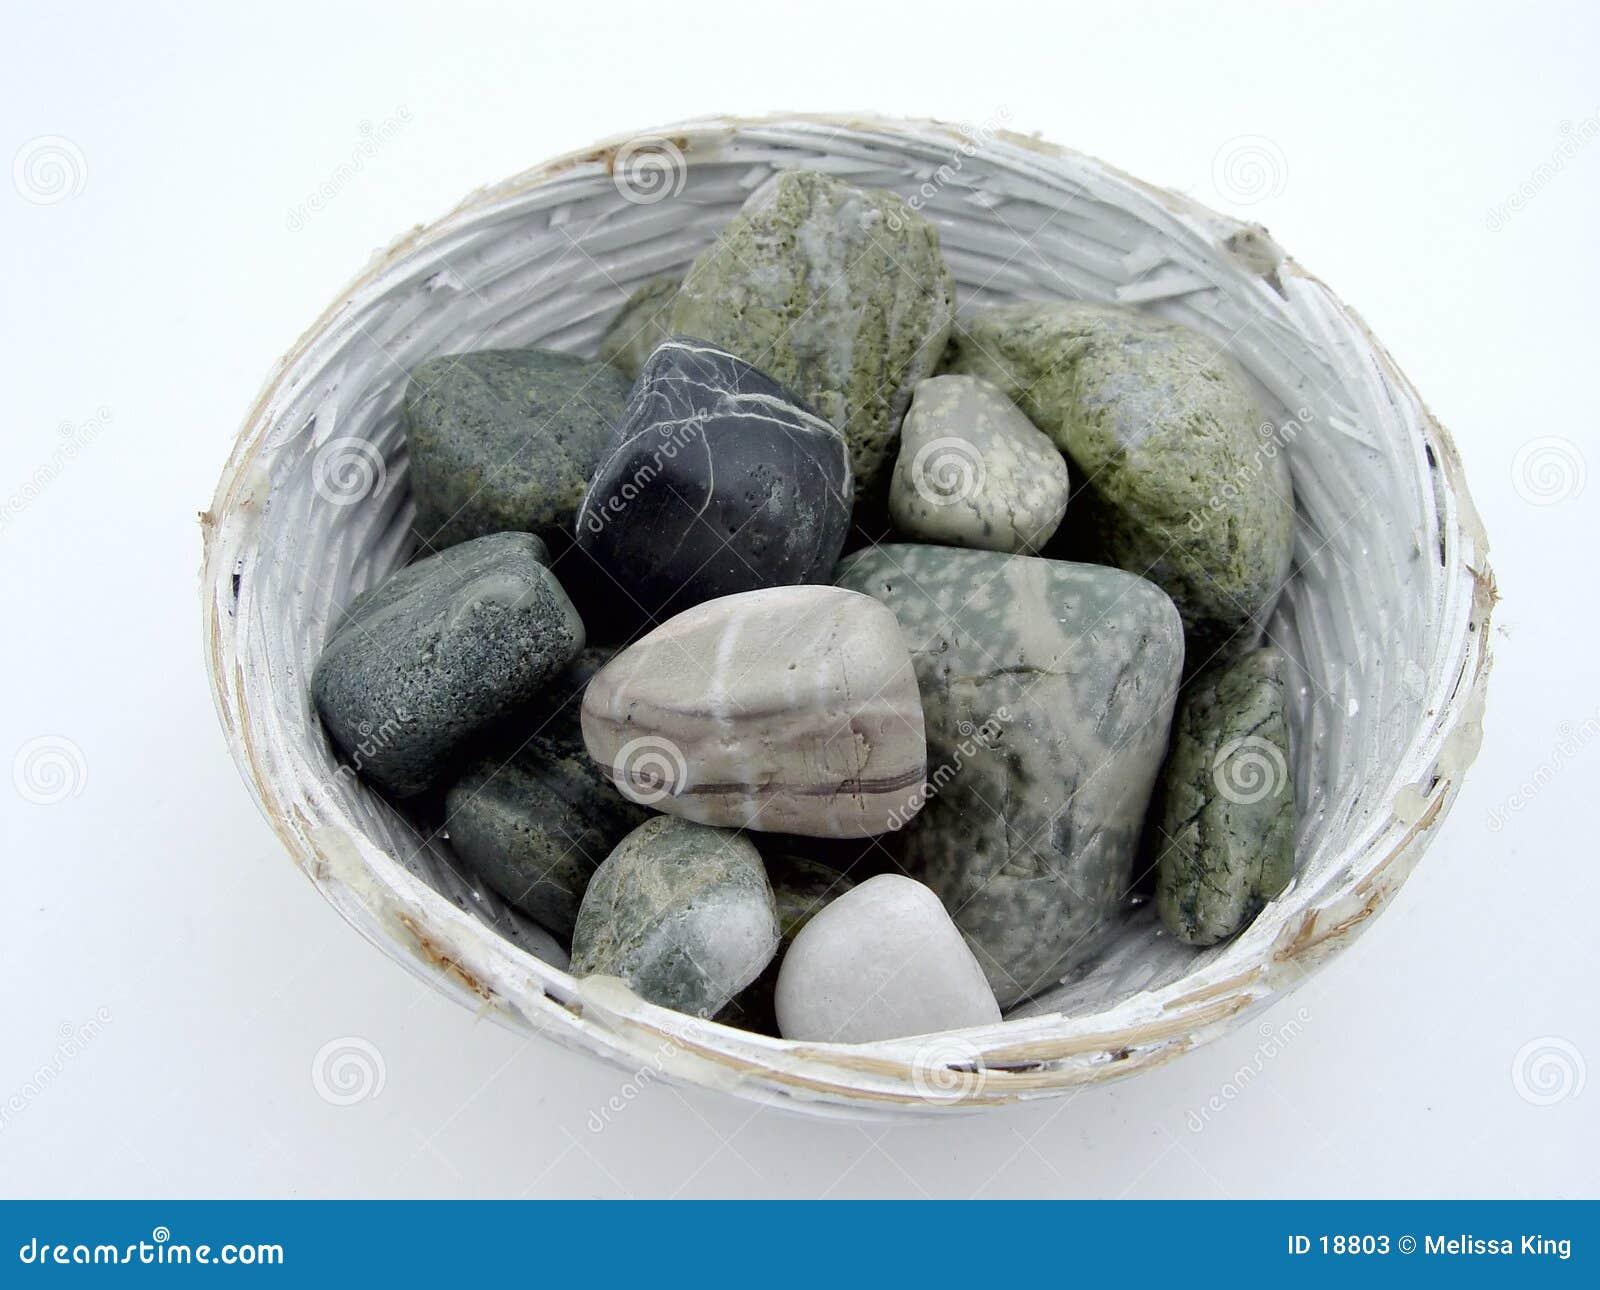 Felsen in der Schüssel